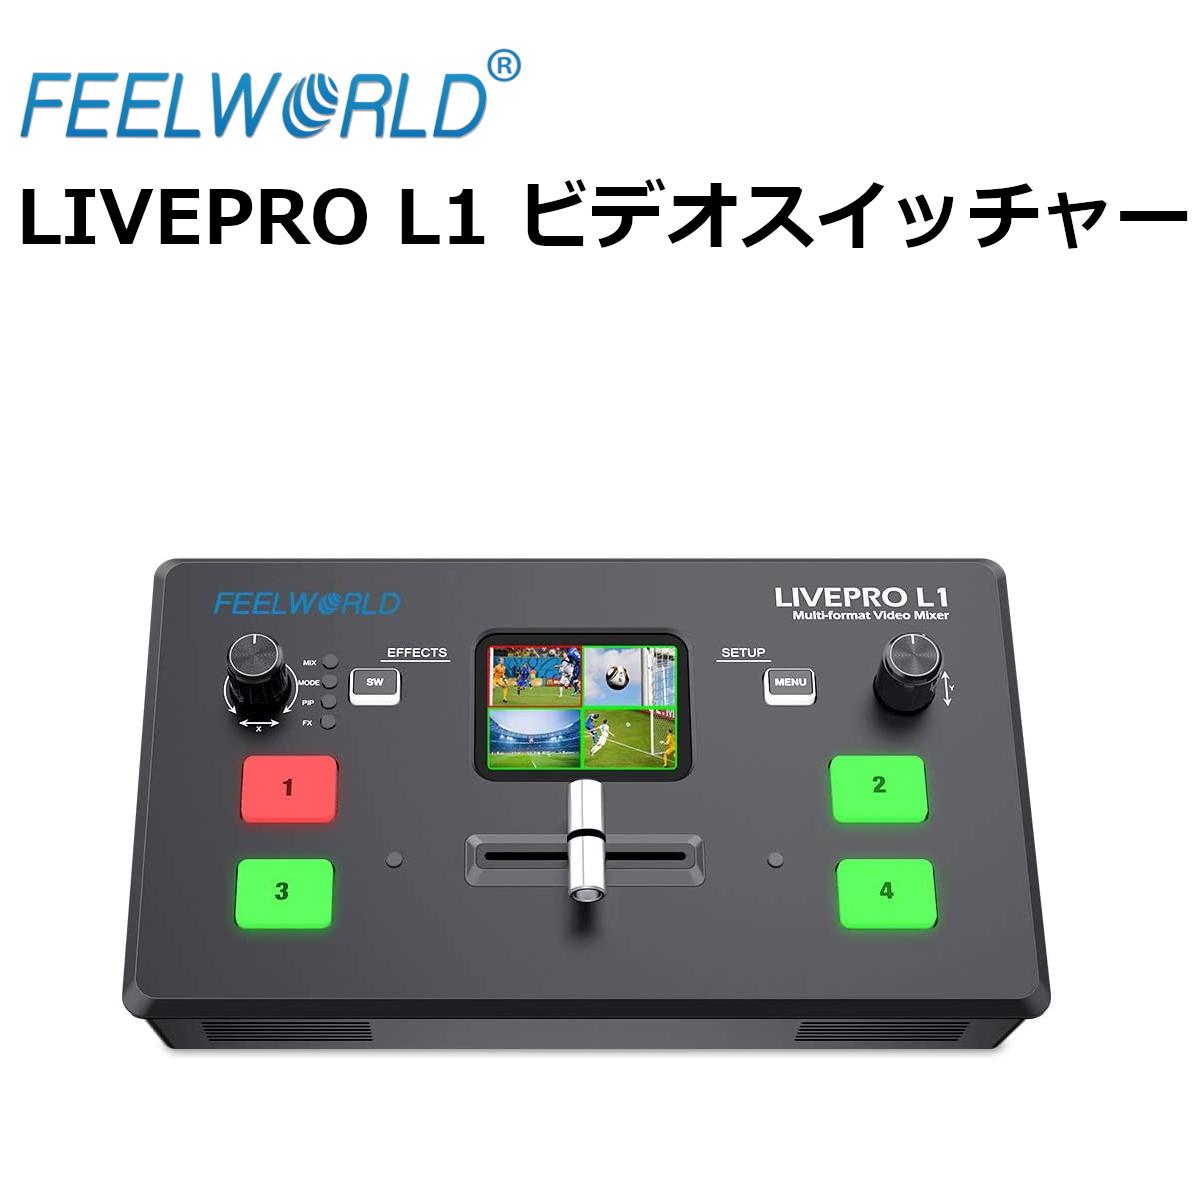 あす楽対応 Feelworld 優先配送 LIVEPRO L1 V1 FEELWORLD 送料無料 激安 お買い得 キ゛フト ライブプロダクションビデオスイッチャー 4チャンネル HDMIキャプチャー